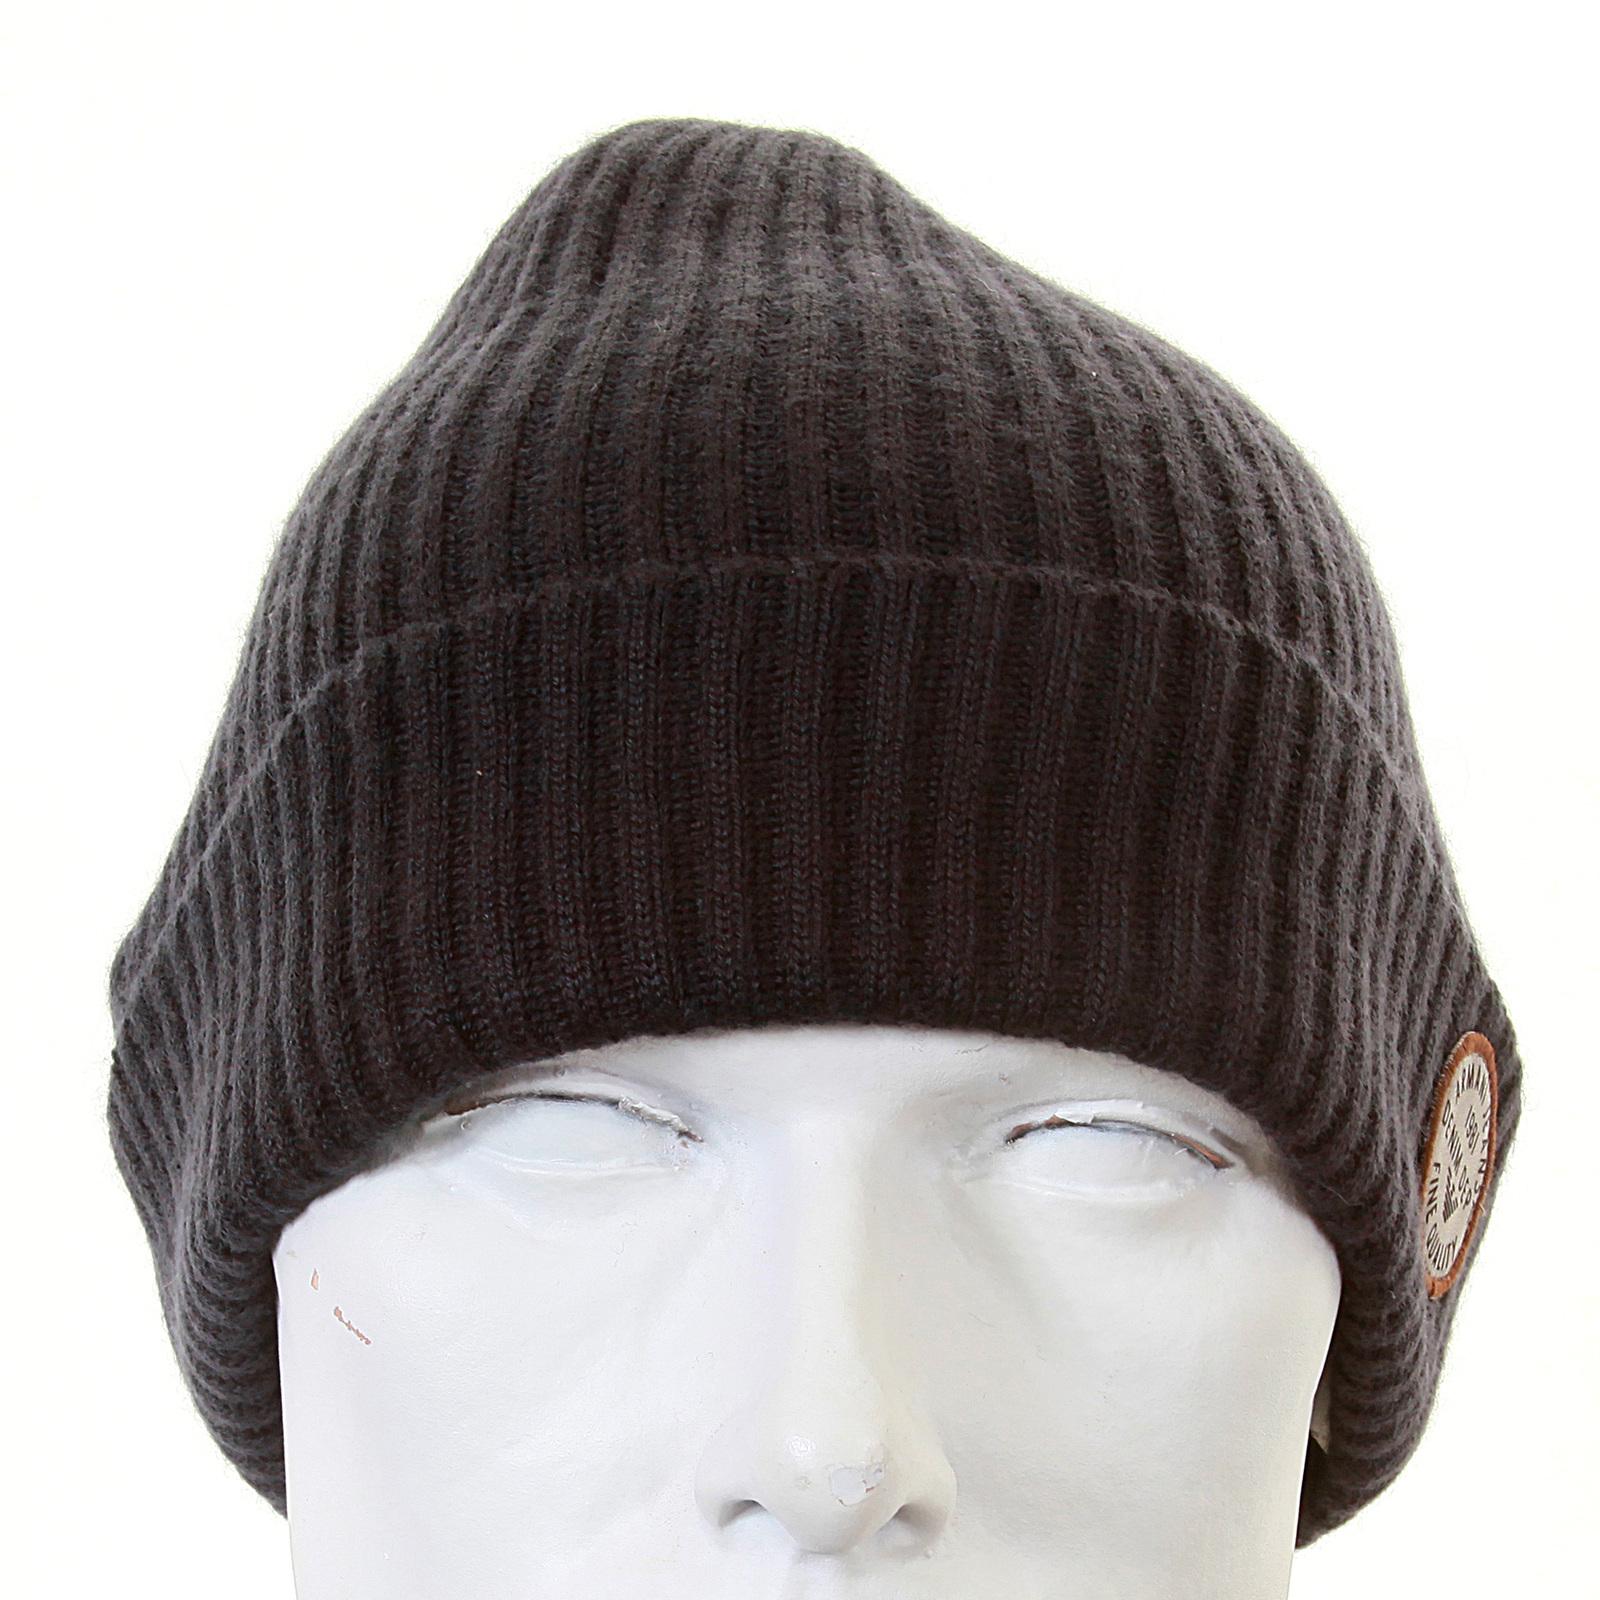 d8456d59058174 Armani Jeans dark grey rib knit beanie hat S6404 P3 AJM1342 at ...